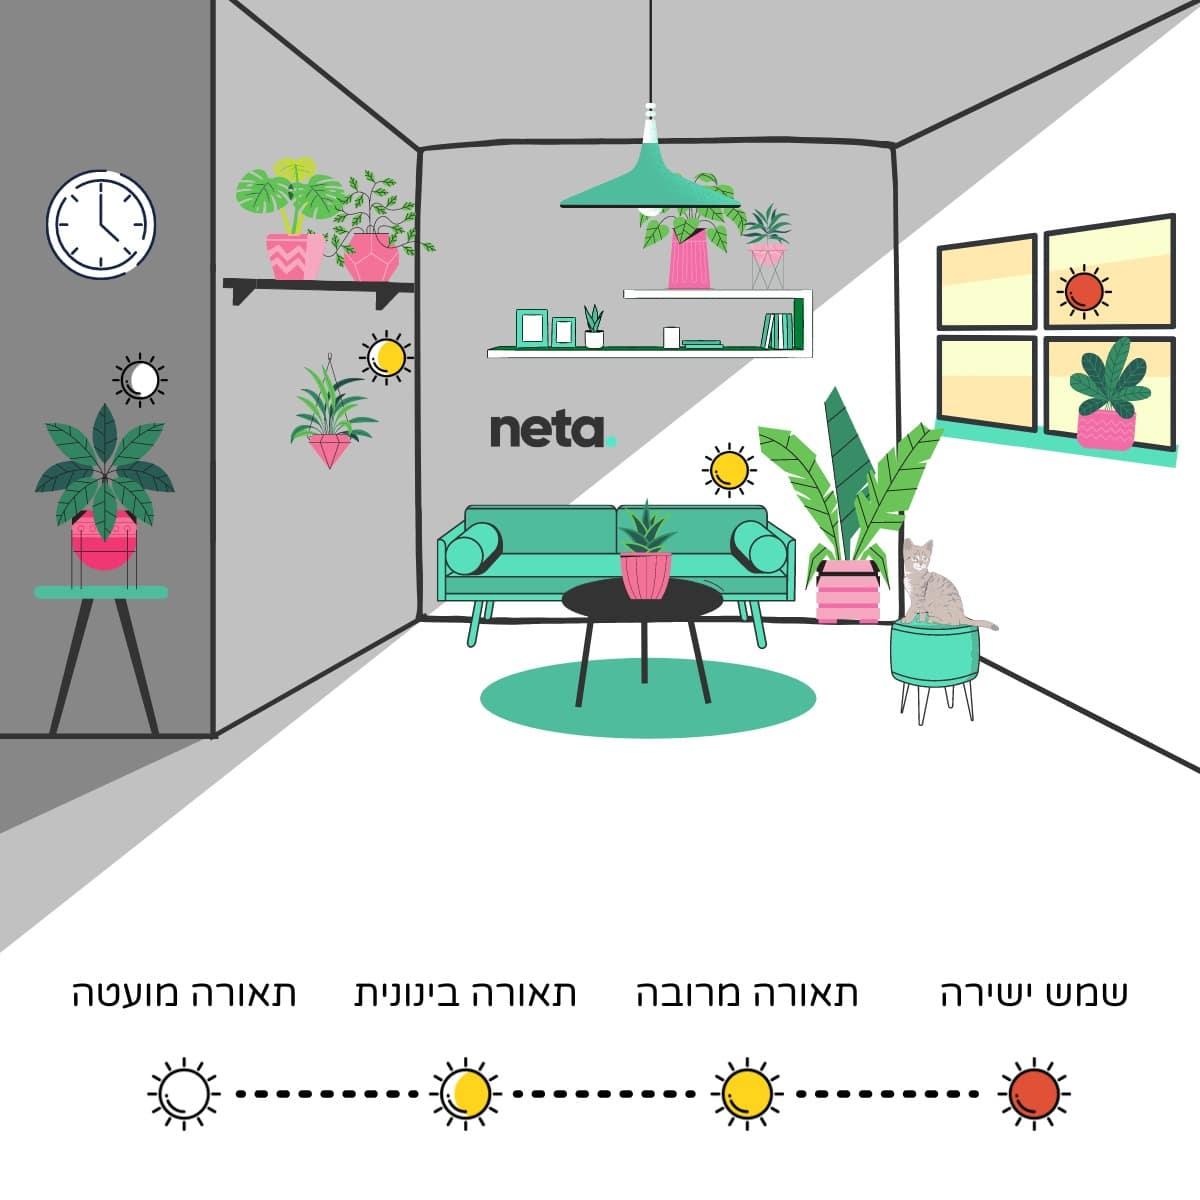 מפת תאורה לצמחי בית